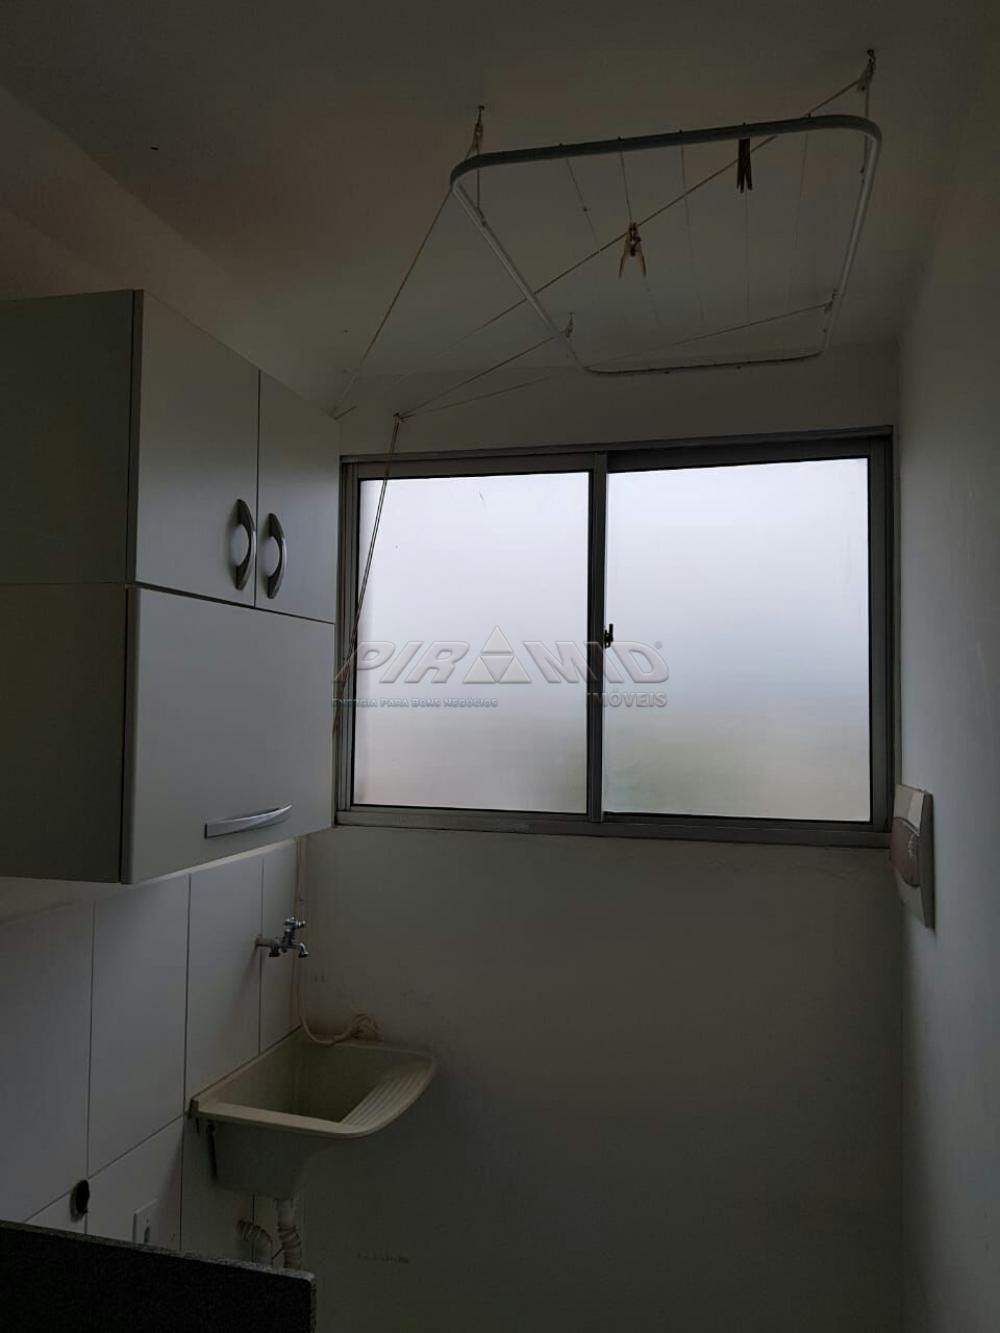 Comprar Apartamento / Padrão em Ribeirão Preto R$ 220.000,00 - Foto 12